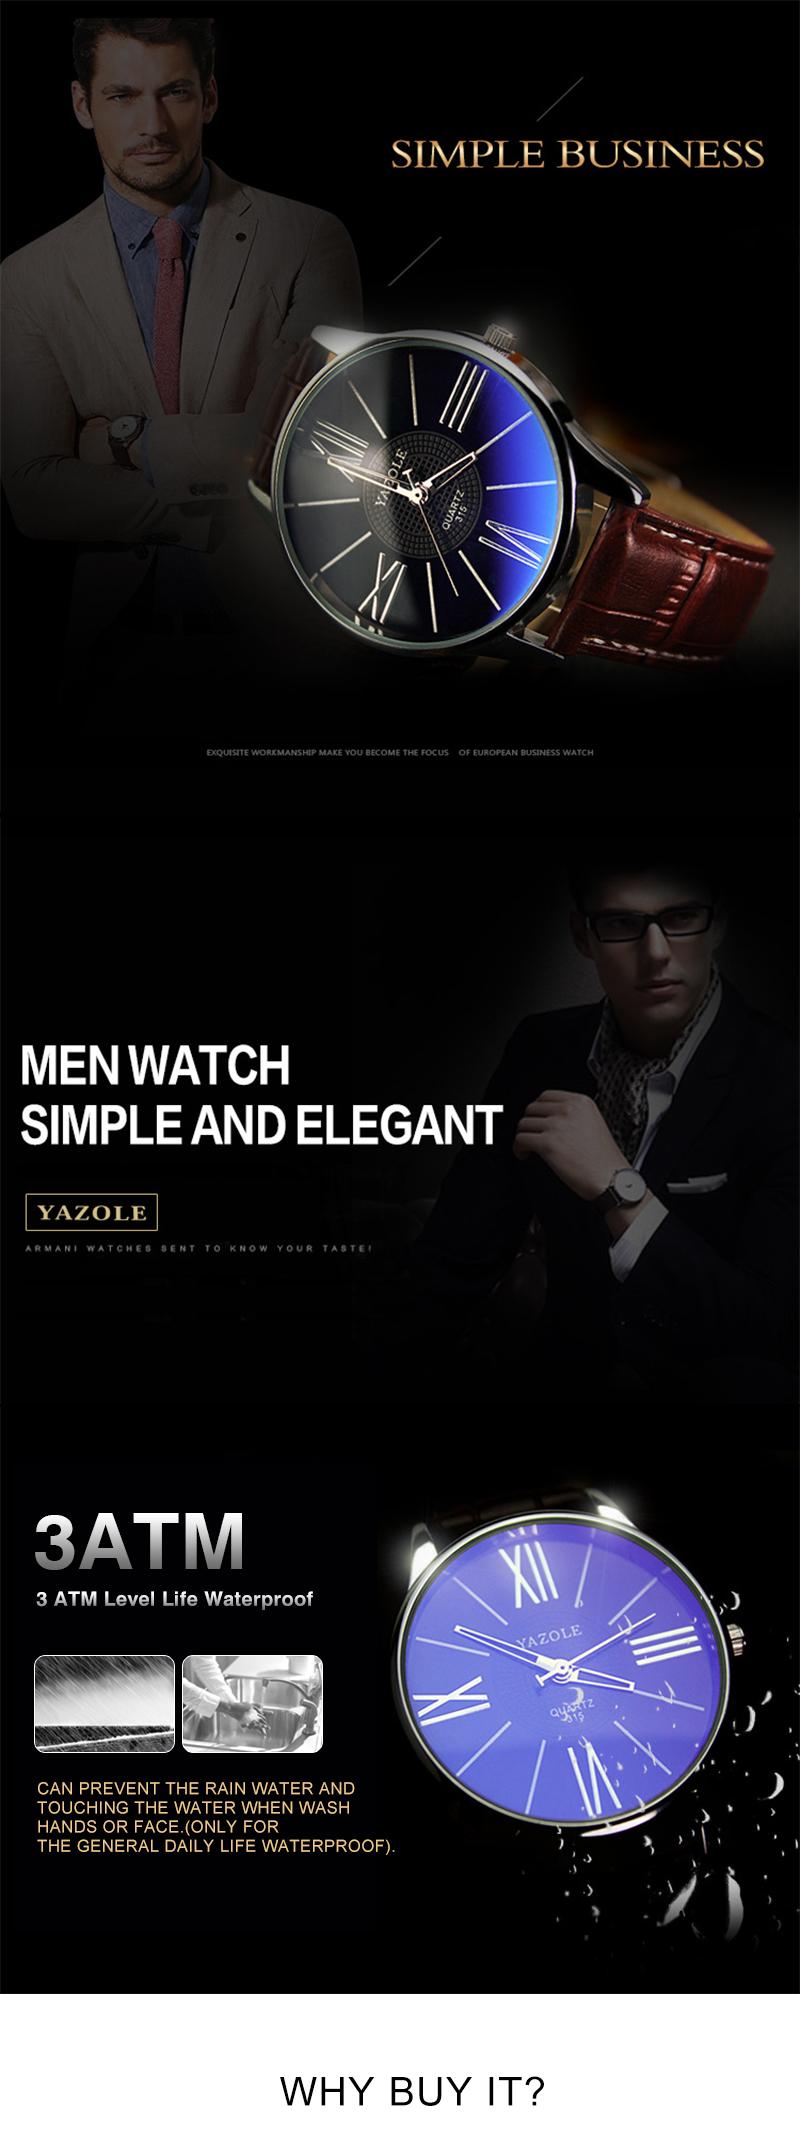 HTB1rkEUSpXXXXaNXXXXq6xXFXXX4 - Mens Watches Top Brand Luxury 2018 Yazole Watch Men Fashion Business Quartz-watch Minimalist Belt Male Watches Relogio Masculino